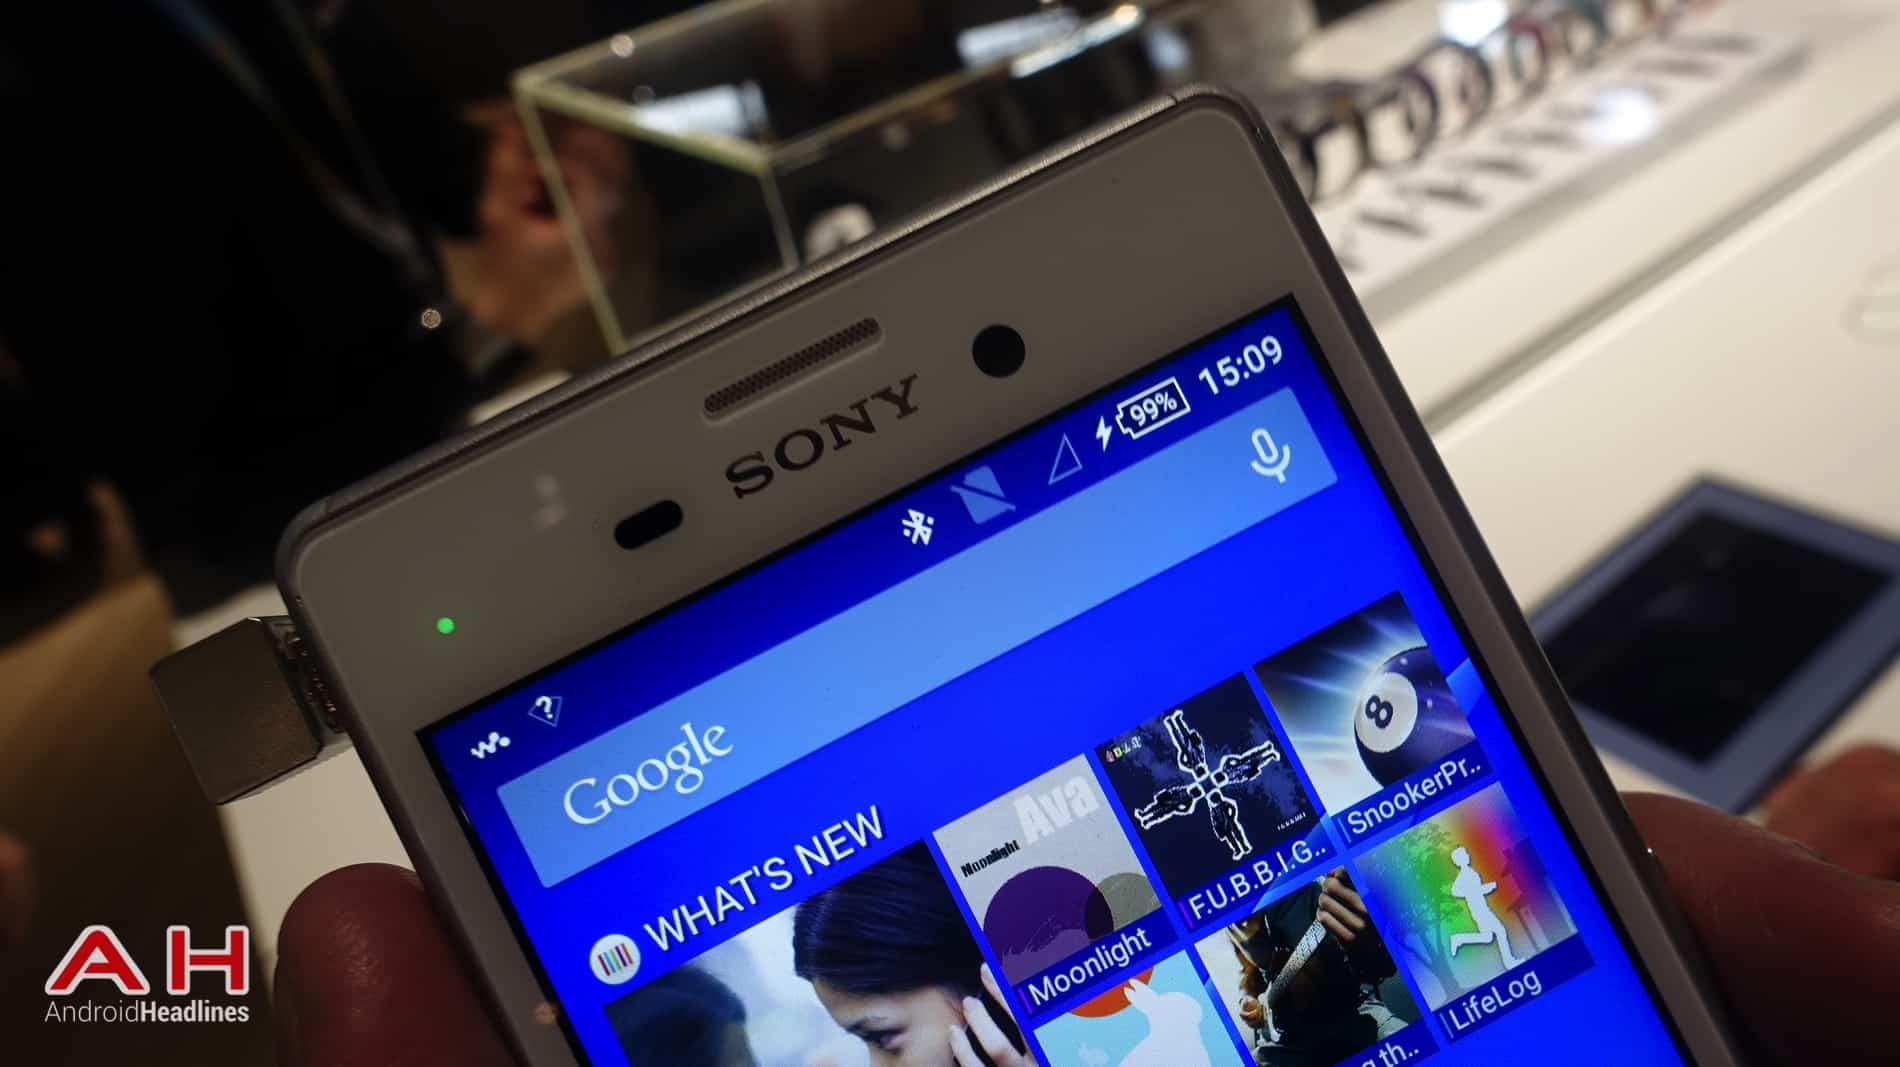 Sony Xperia M4 Aqua AH 02